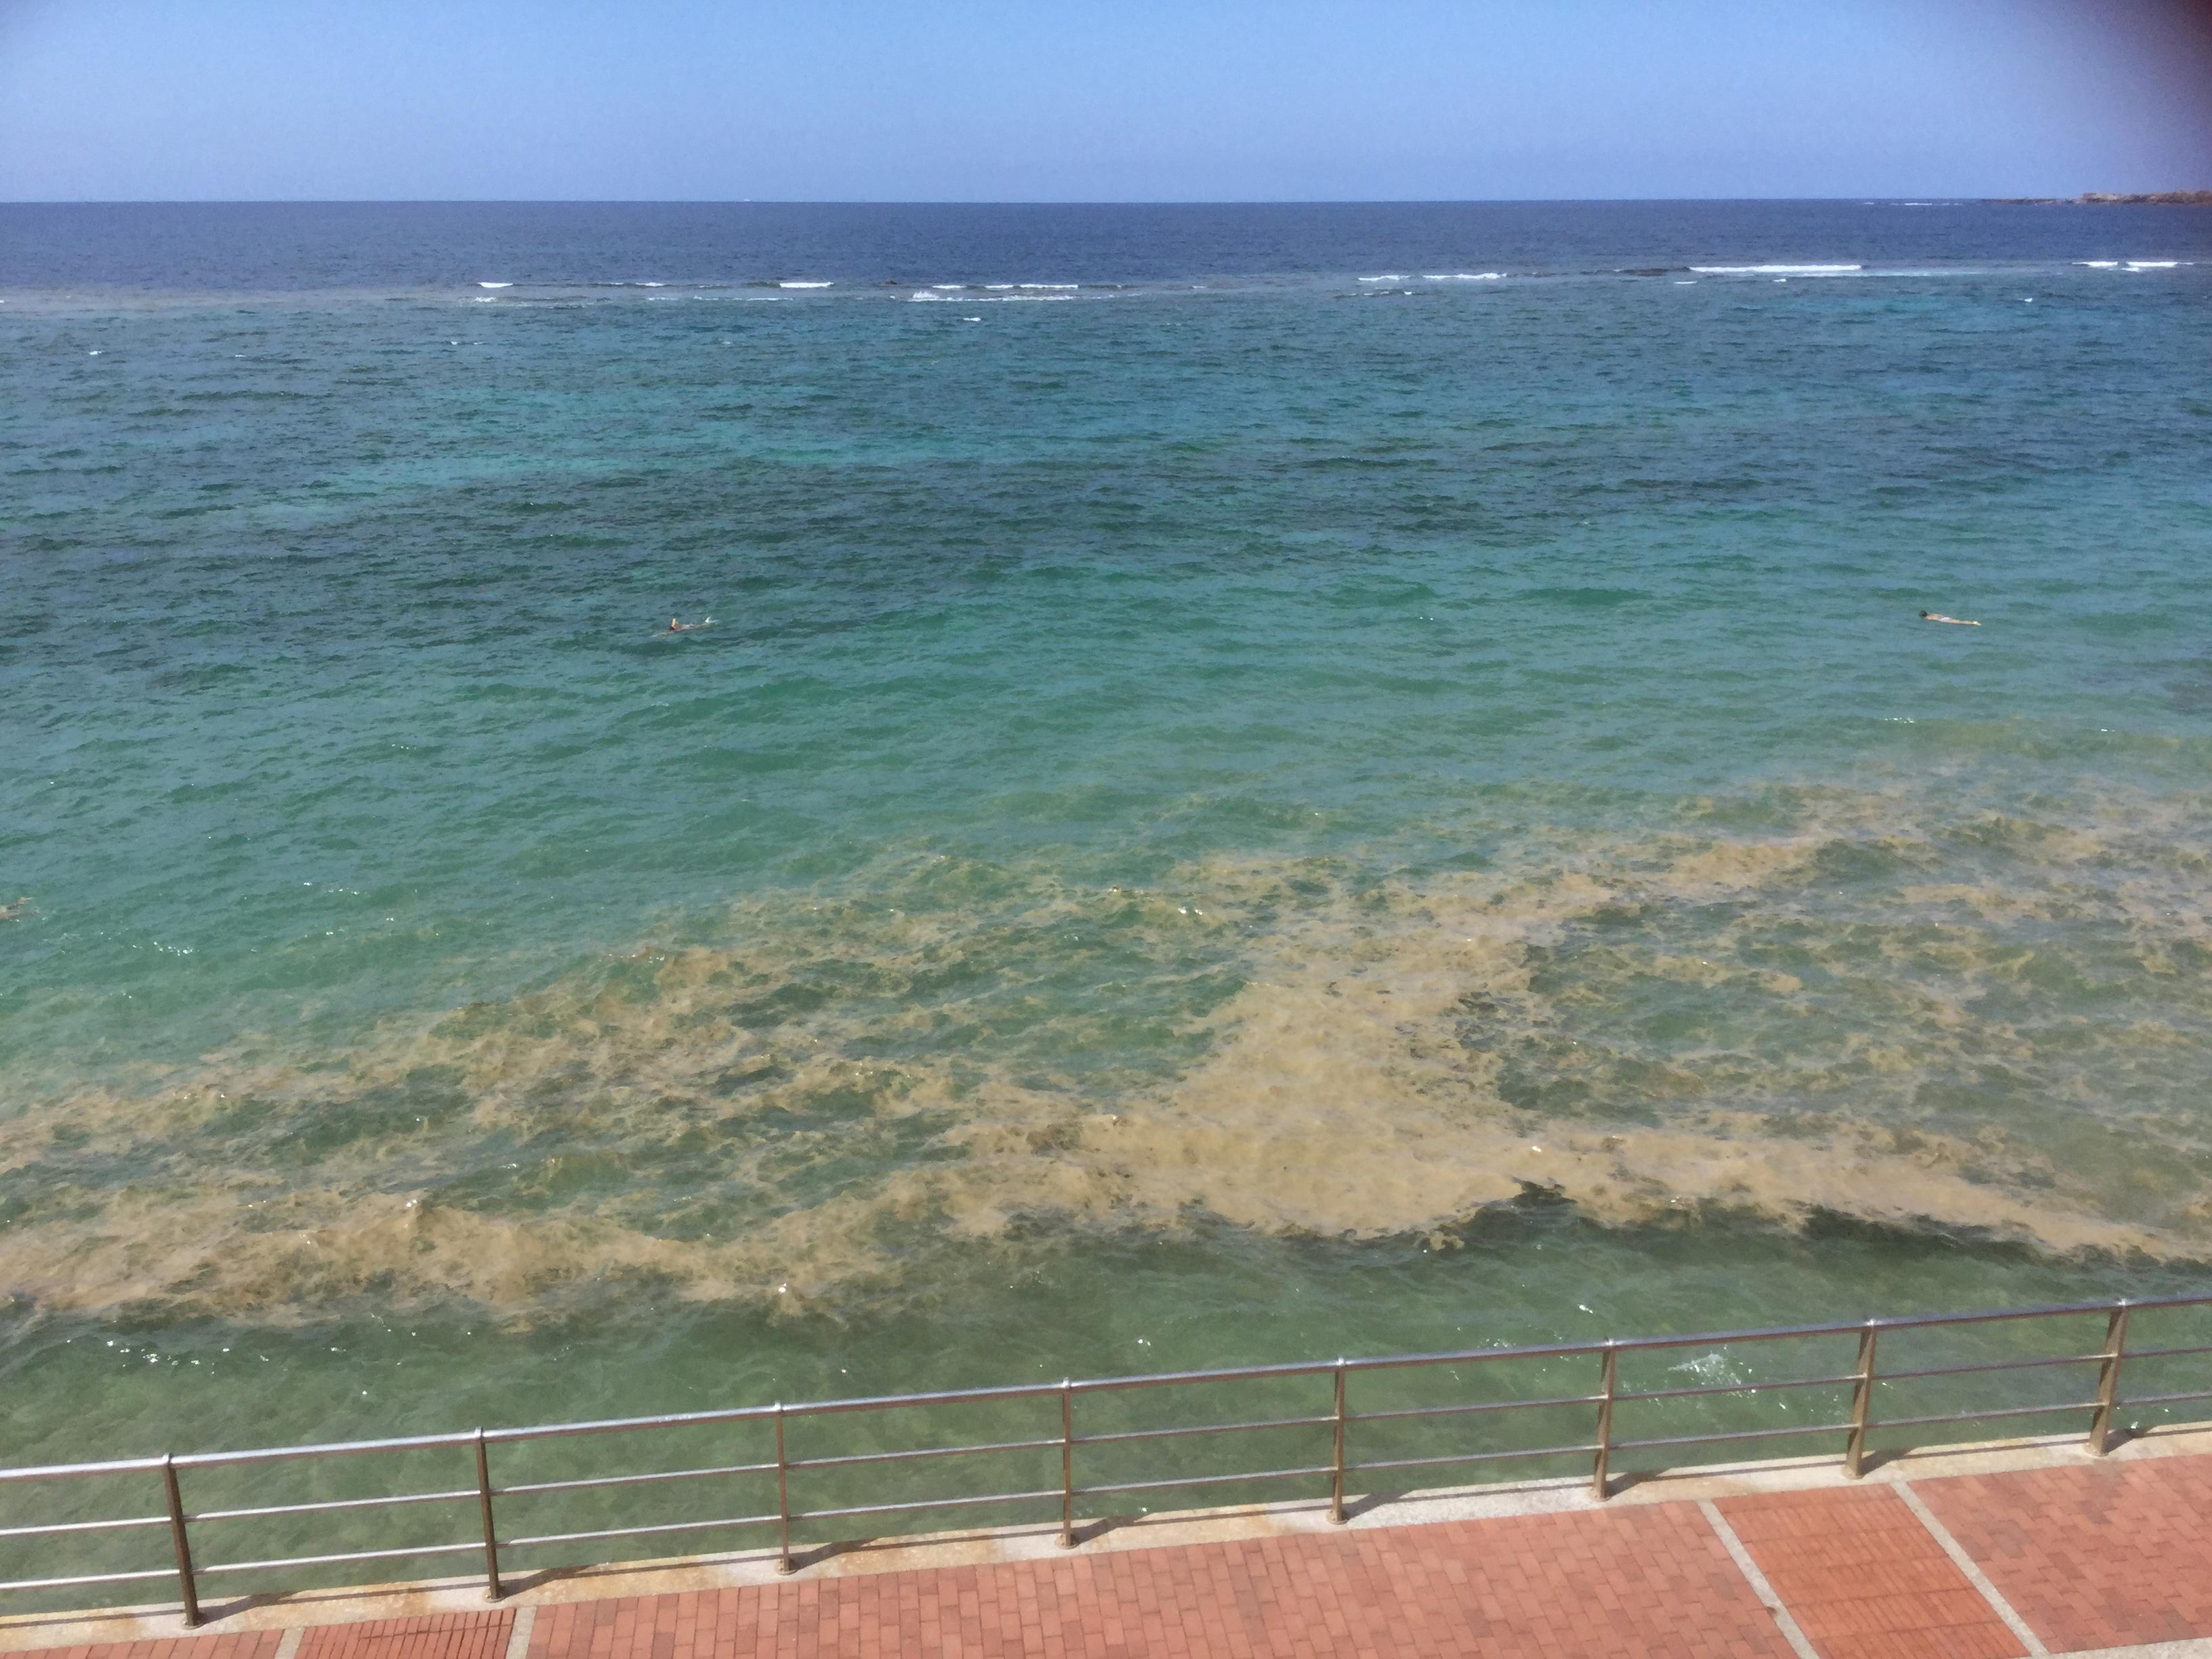 Sanidad recuerda las precauciones básicas en caso de aparición de floraciones masivas de 'microalgas' en las playas